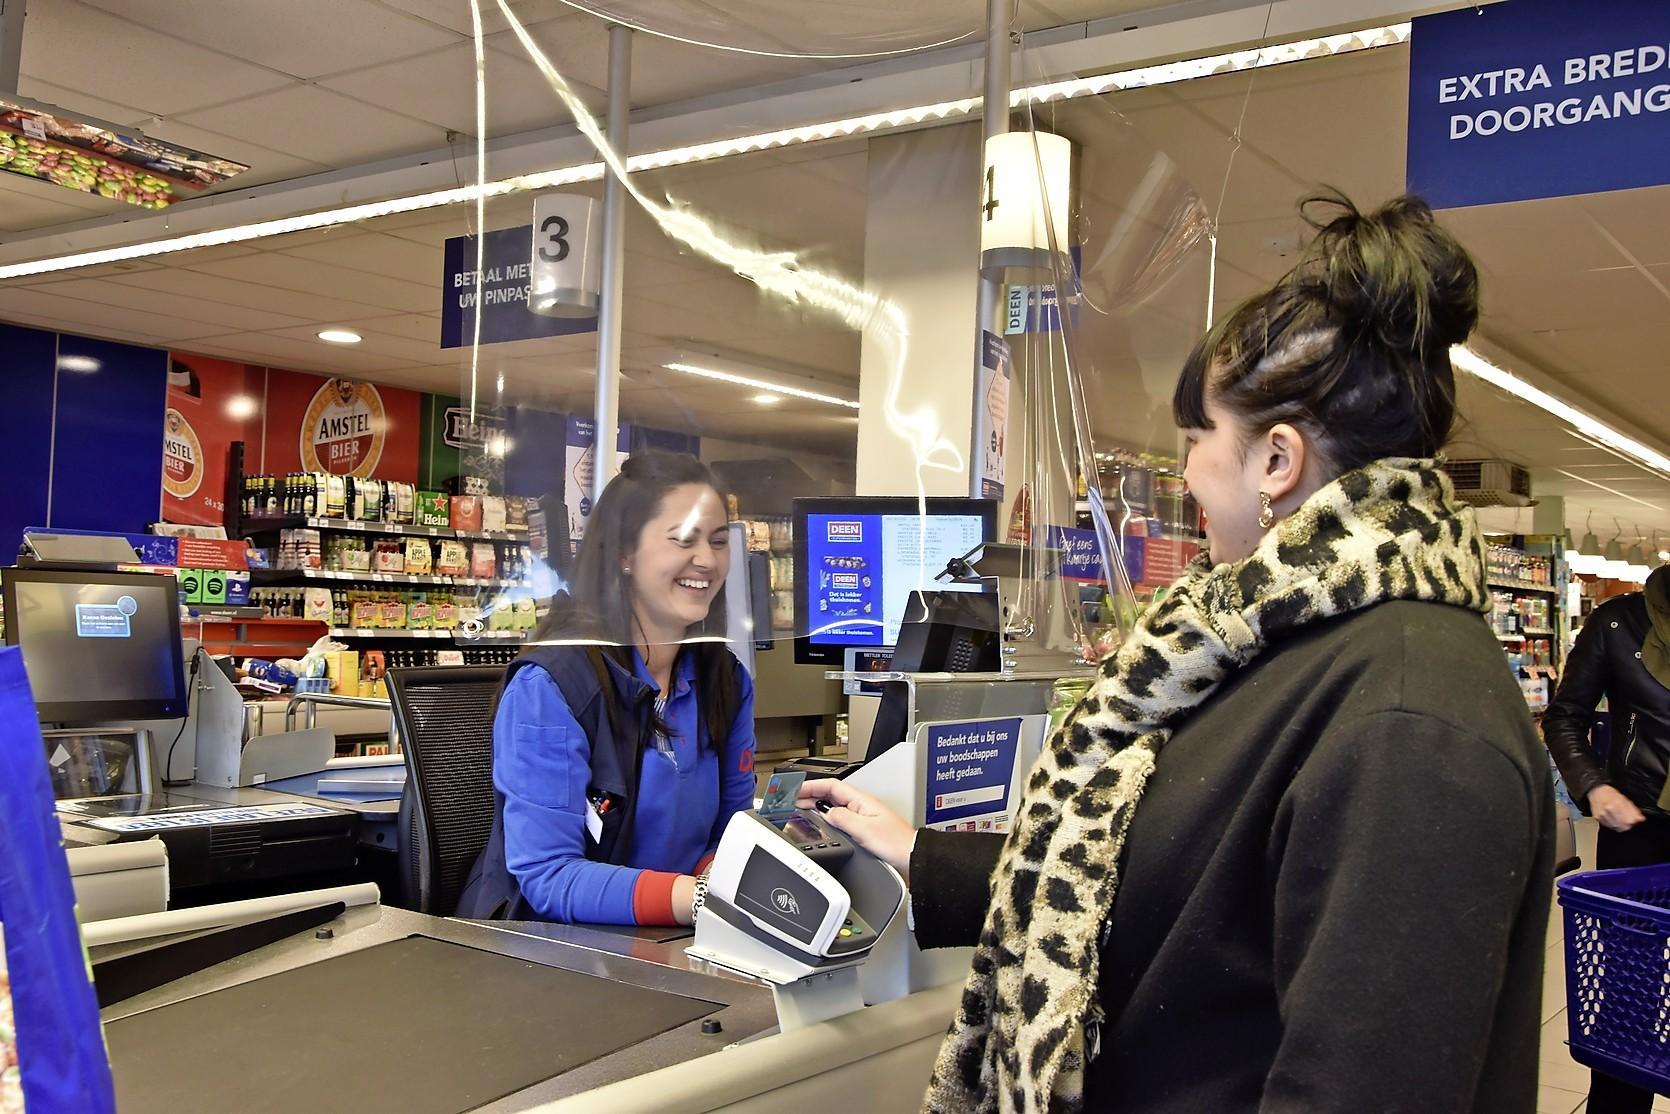 Niet alleen zorg- en supermarktmedewerkers verdienen een coronabonus, zo vinden West-Friezen: 'Je moet geen onderscheid maken'